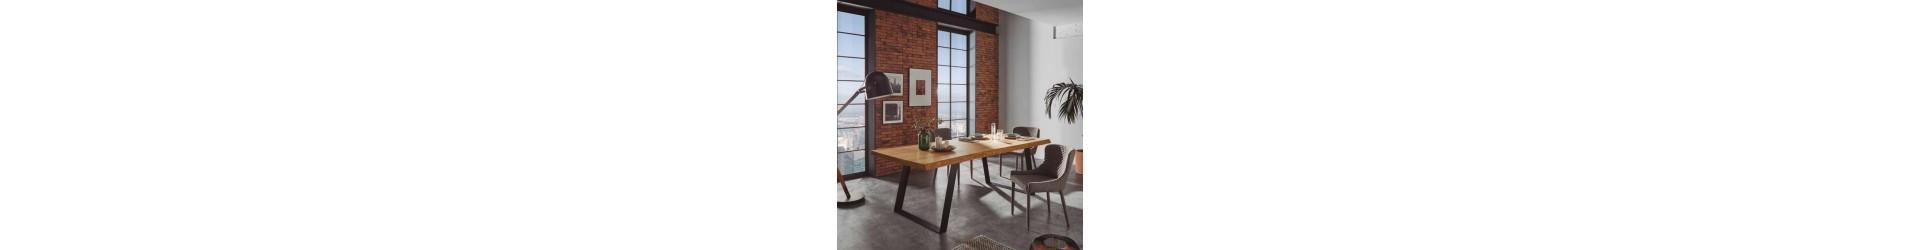 Mesas comedor madera